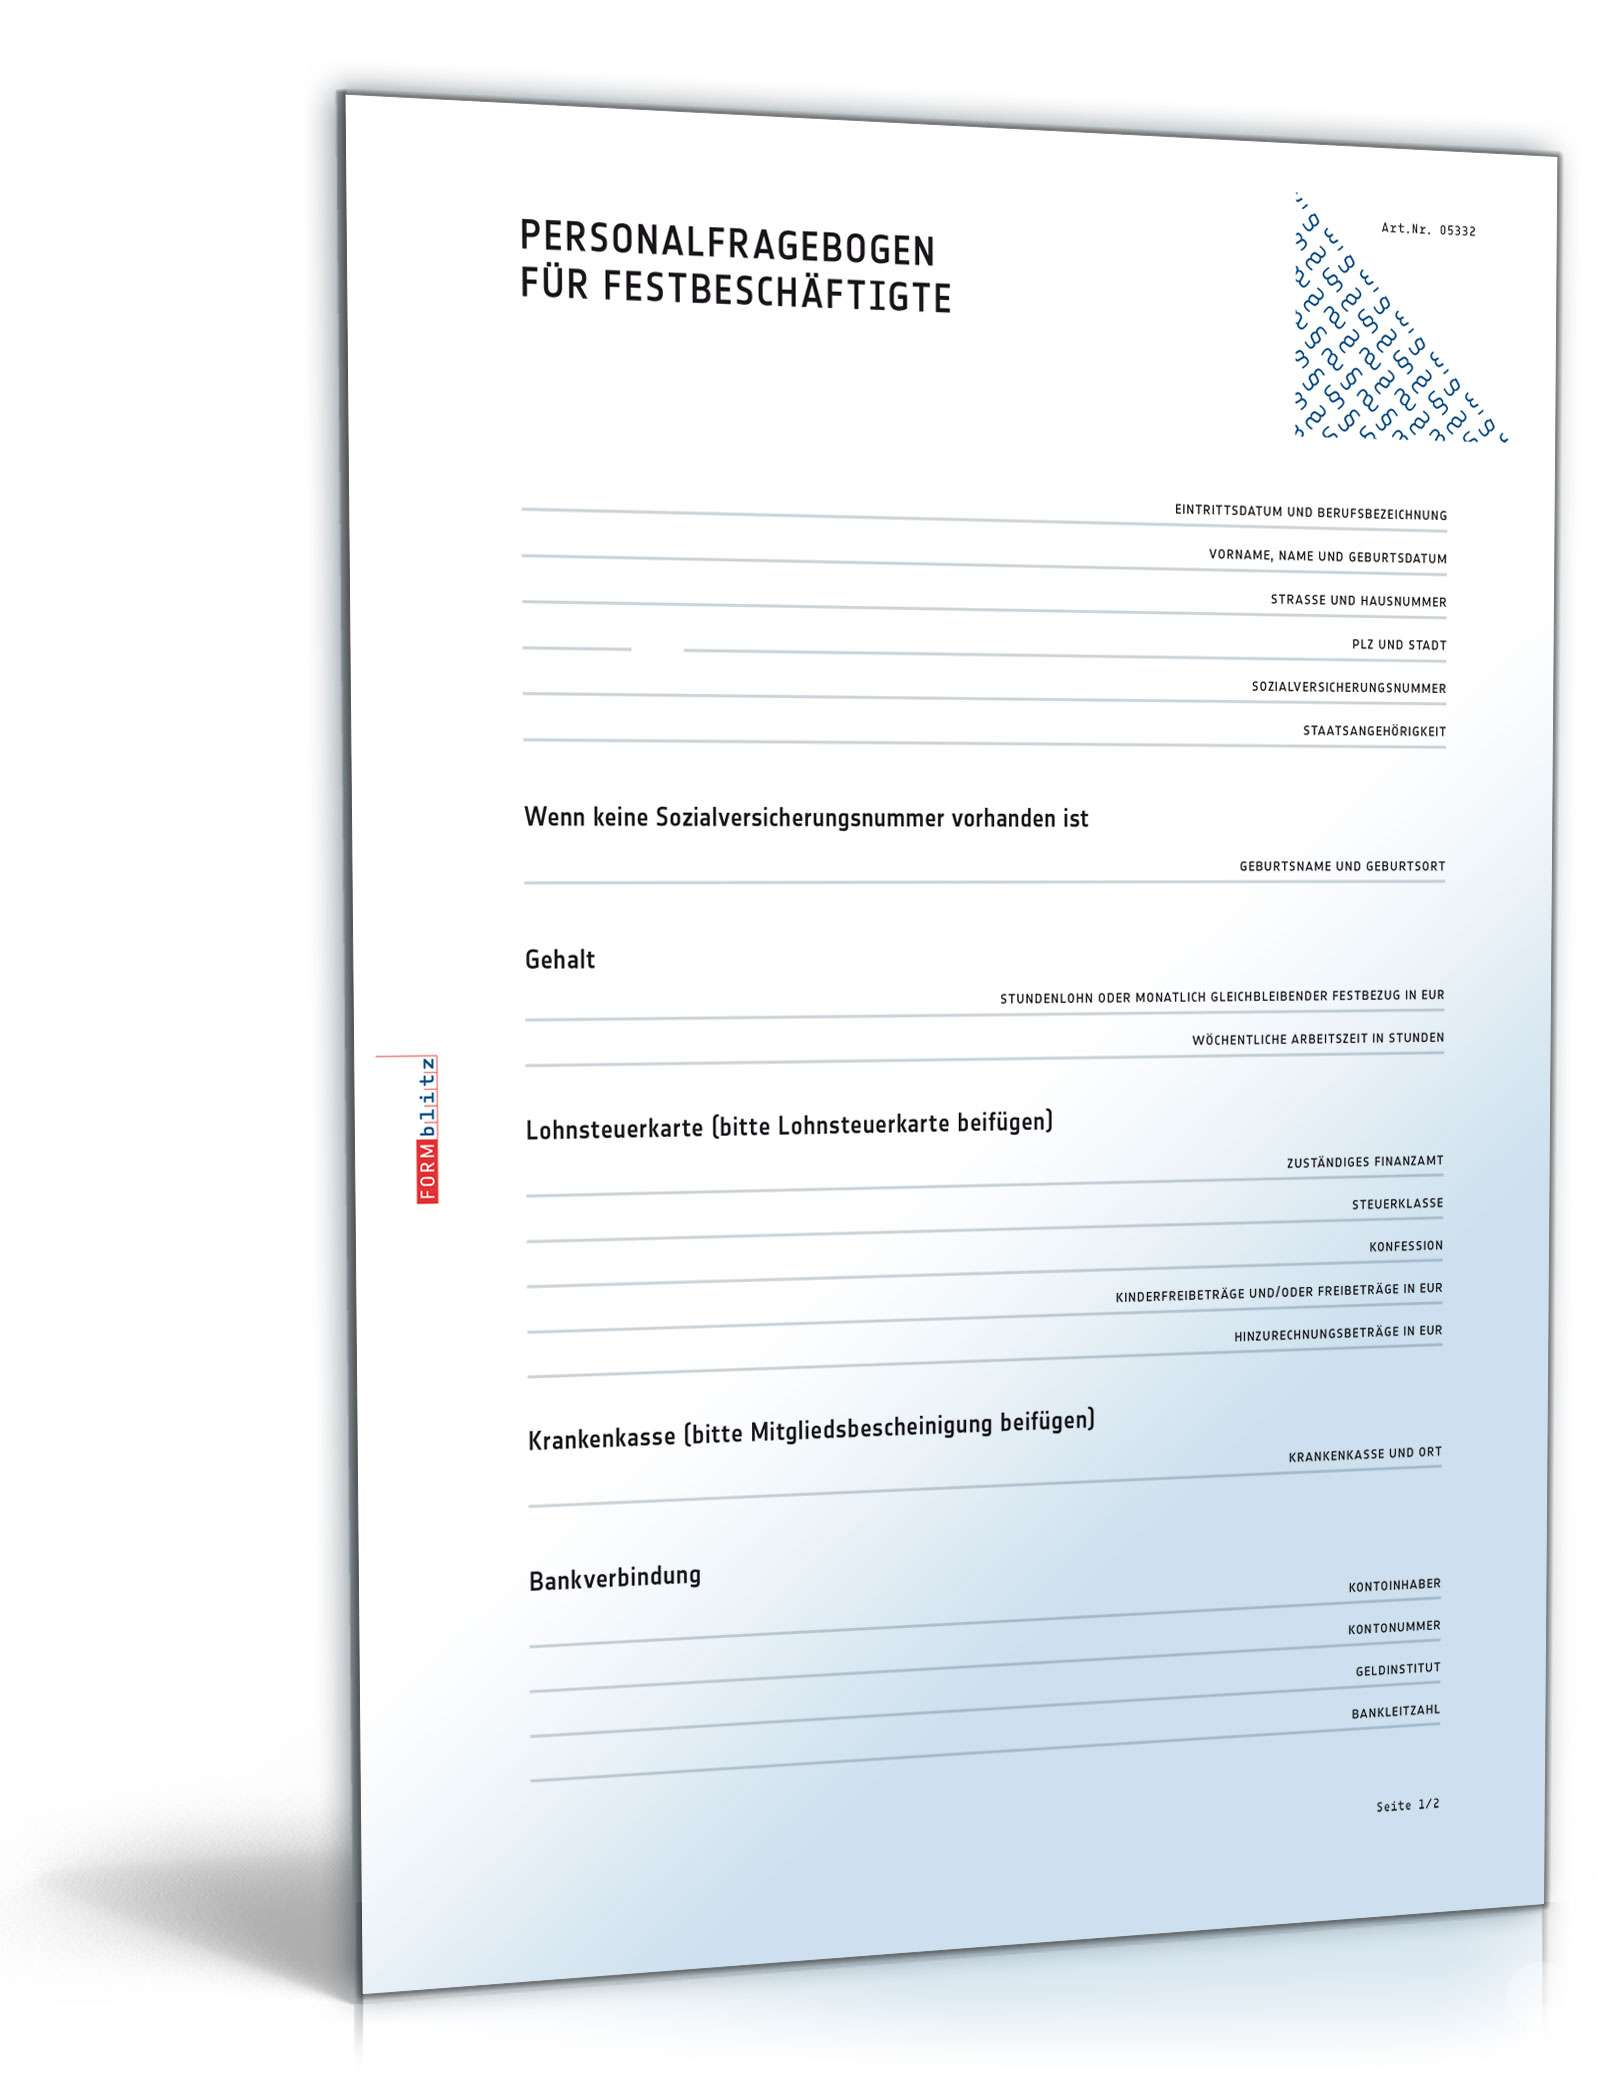 personalfragebogen fr festbeschftigte vorlage zum download - Personalfragebogen Muster